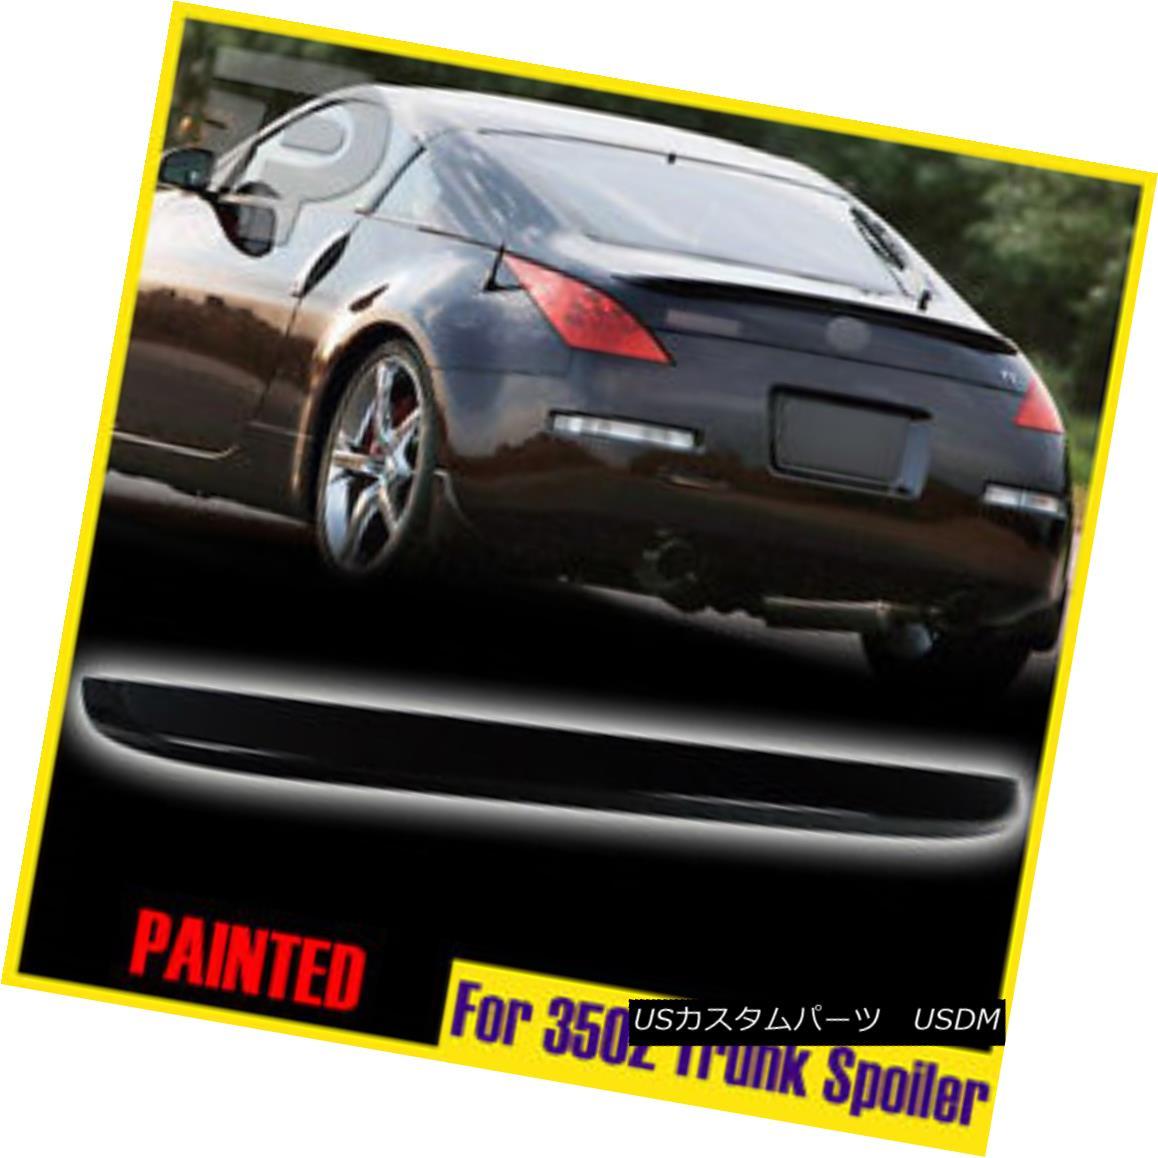 エアロパーツ Painted #KH3 Black 2D 350Z Z33 For Nissan Rear Trunk Spoiler 2003 2008 OE-Type 塗装#KH3黒2D 350Z Z33日産リアトランク・スポイラー2003 2008 OEタイプ